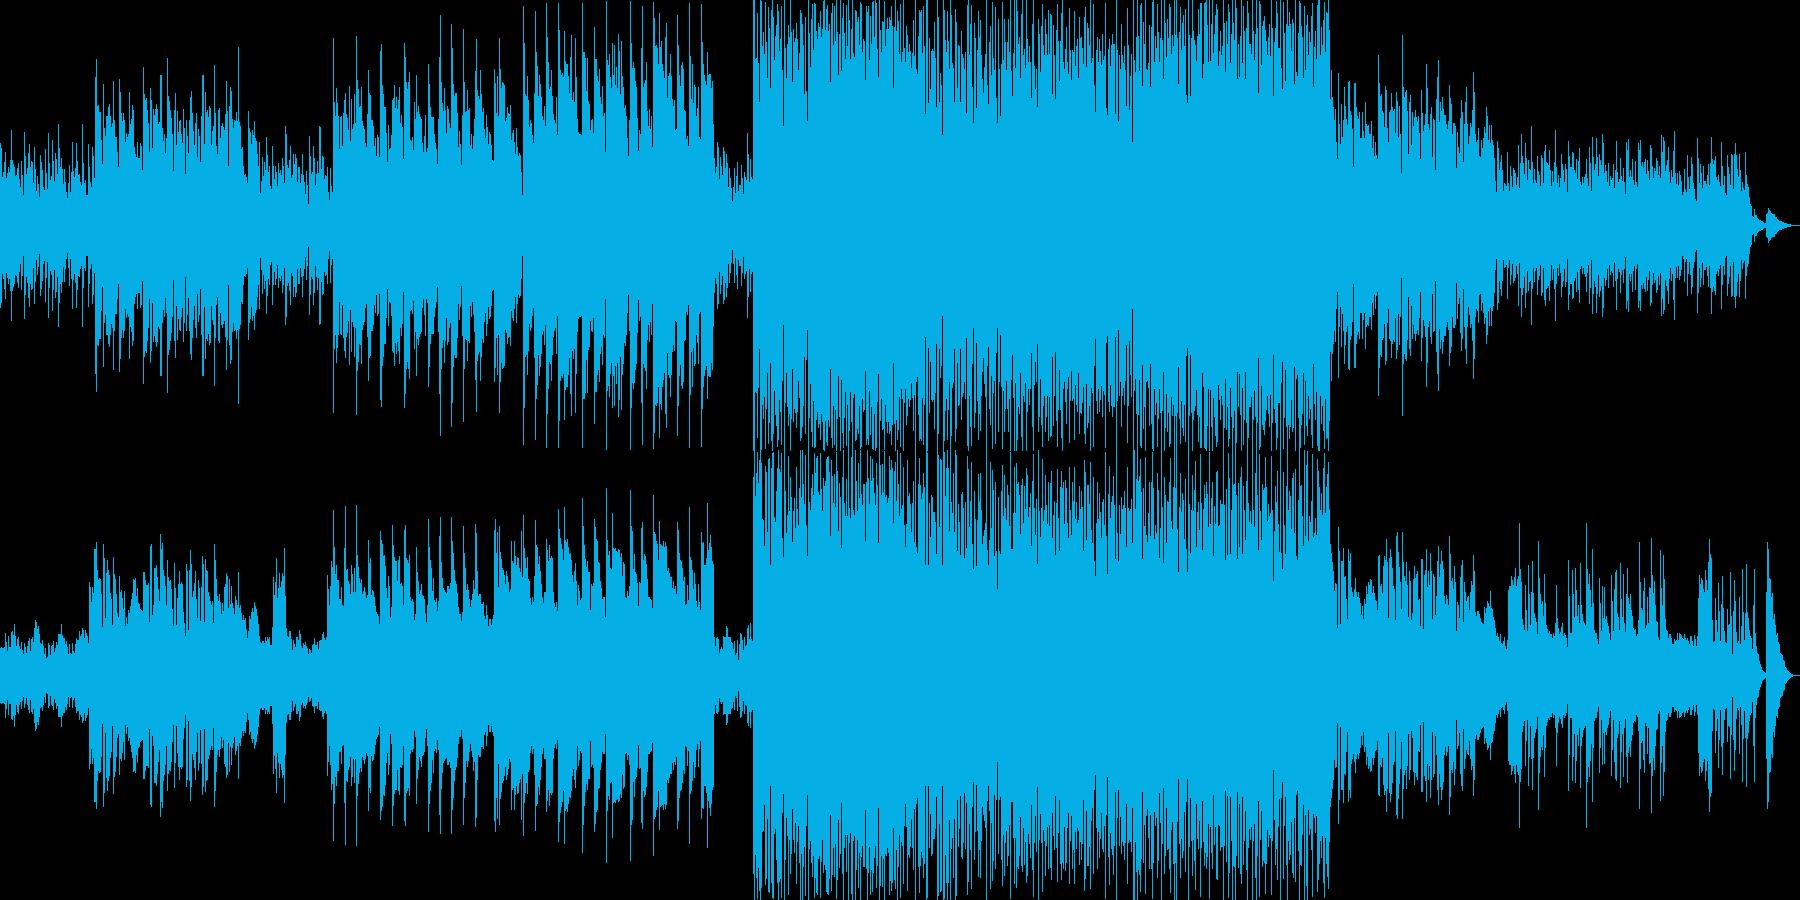 北欧の静かな森をイメージした曲の再生済みの波形